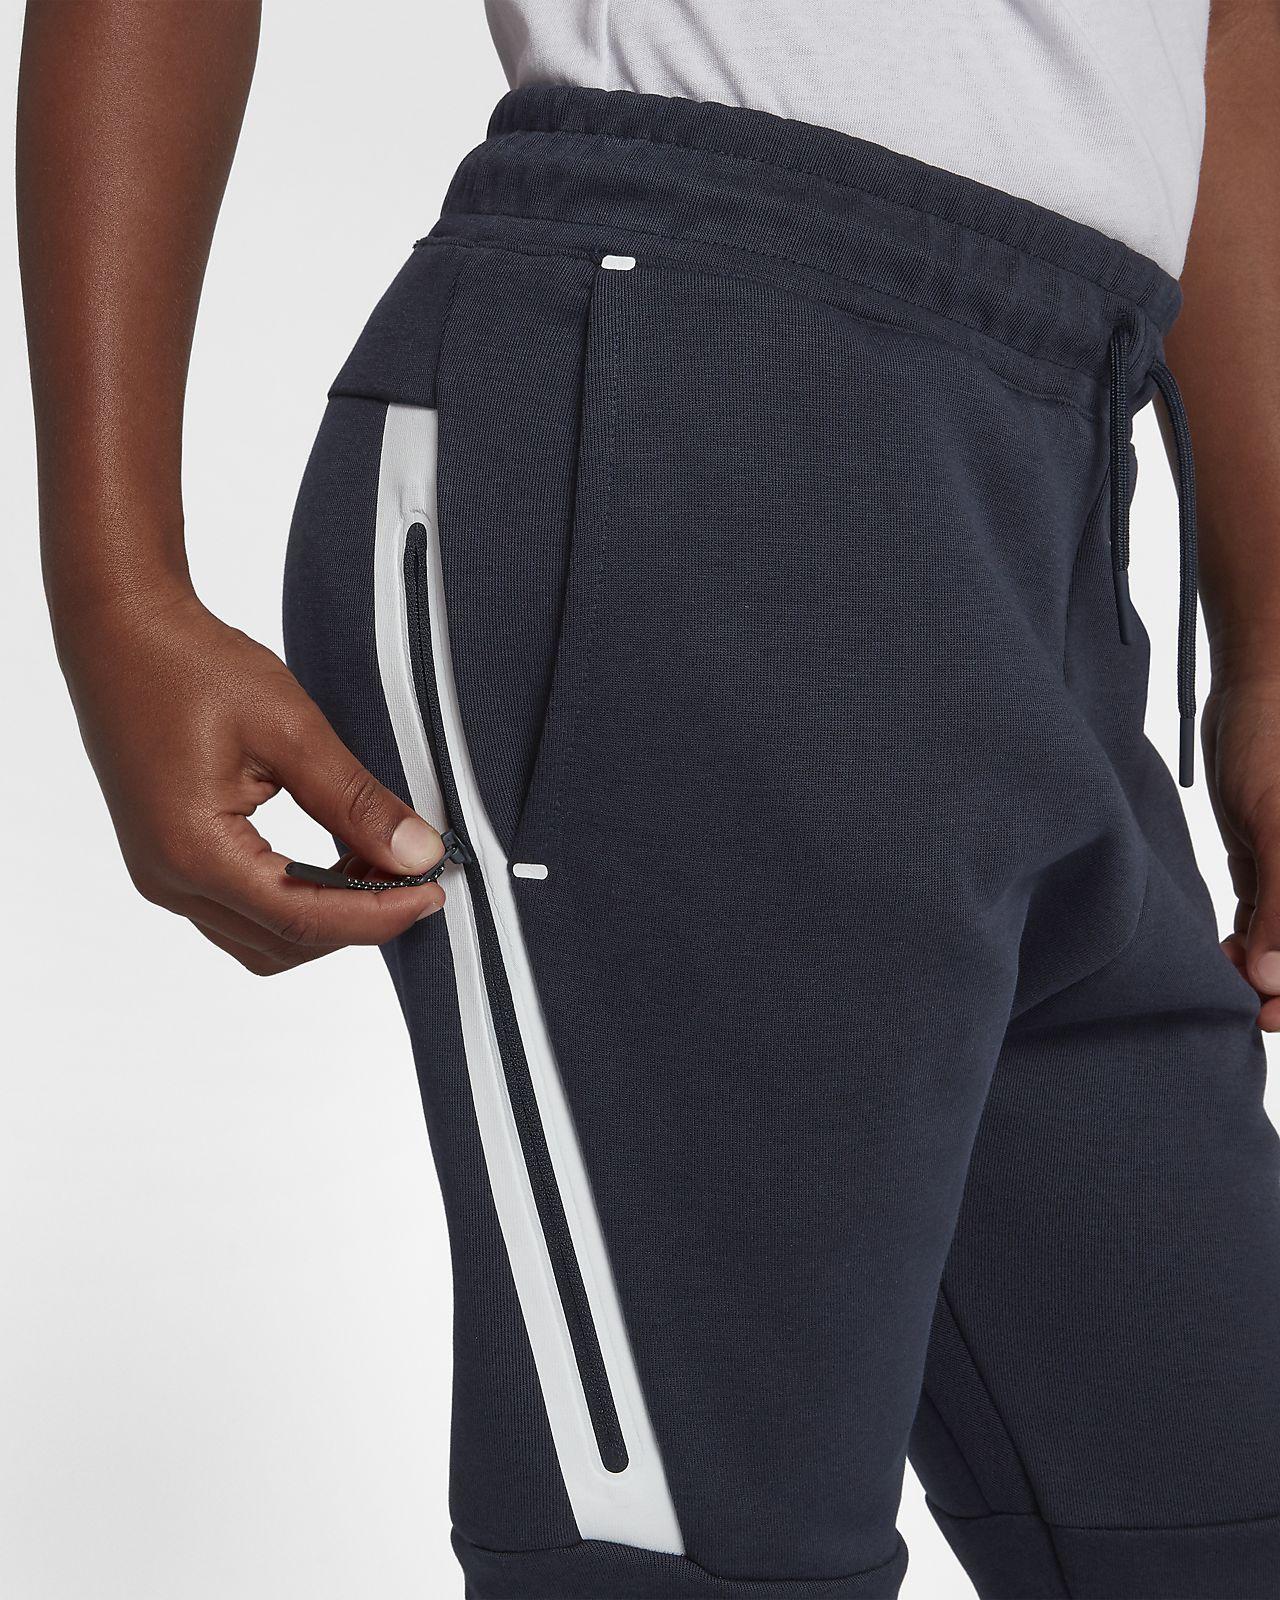 Nike Sportswear Tech Fleece Older Kids  (Boys ) Trousers. Nike.com LU 070d0be584